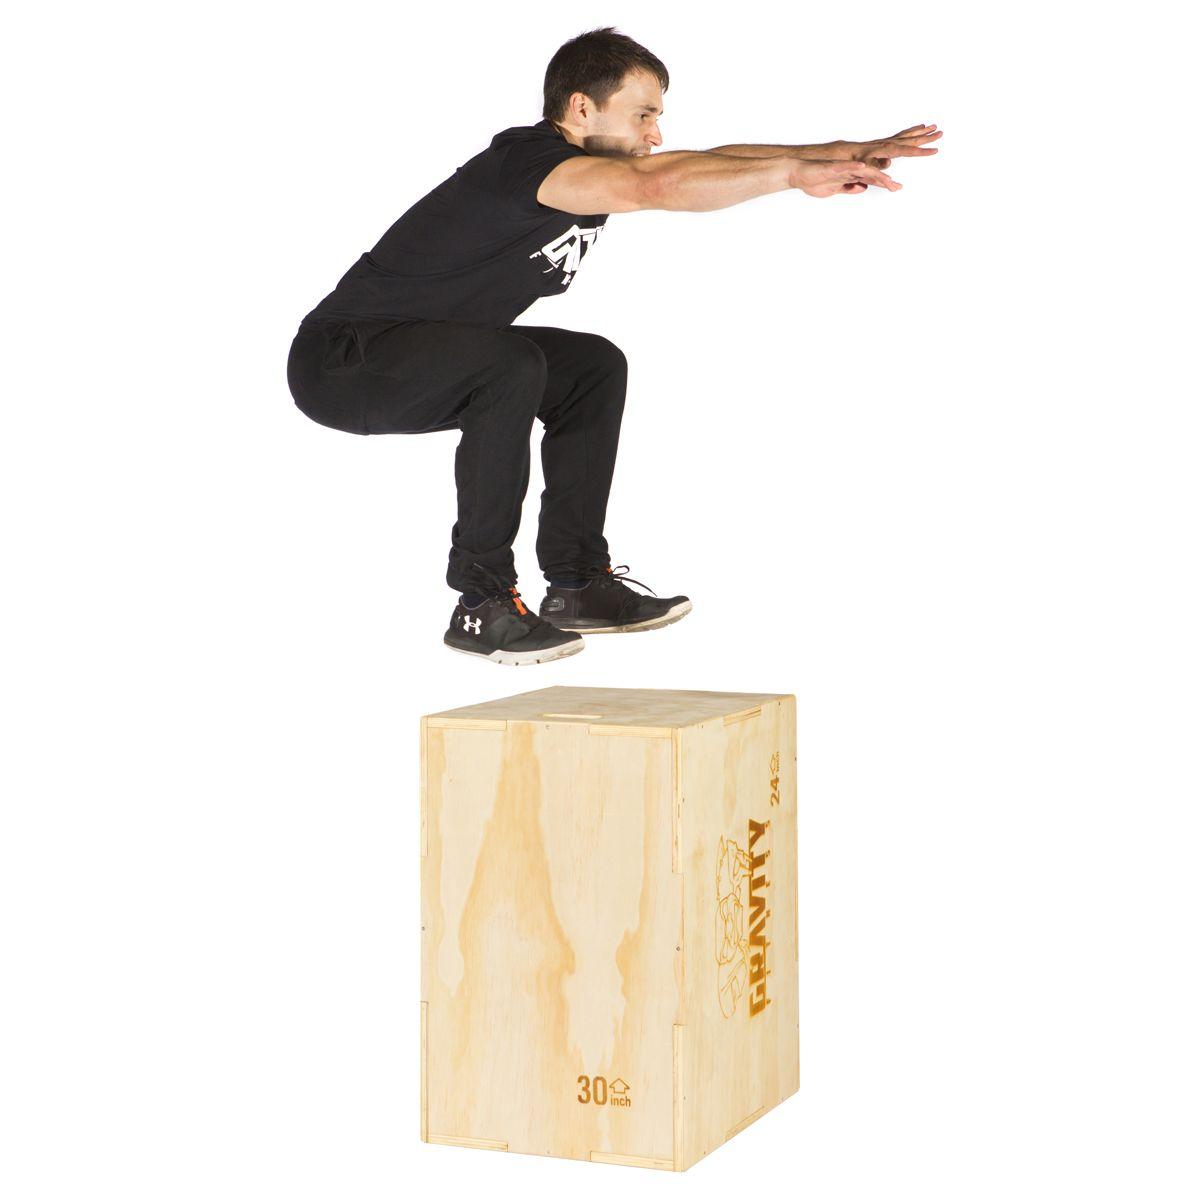 Gravity fitness 3 in 1 30 x 20 x 24 plyometric jump box